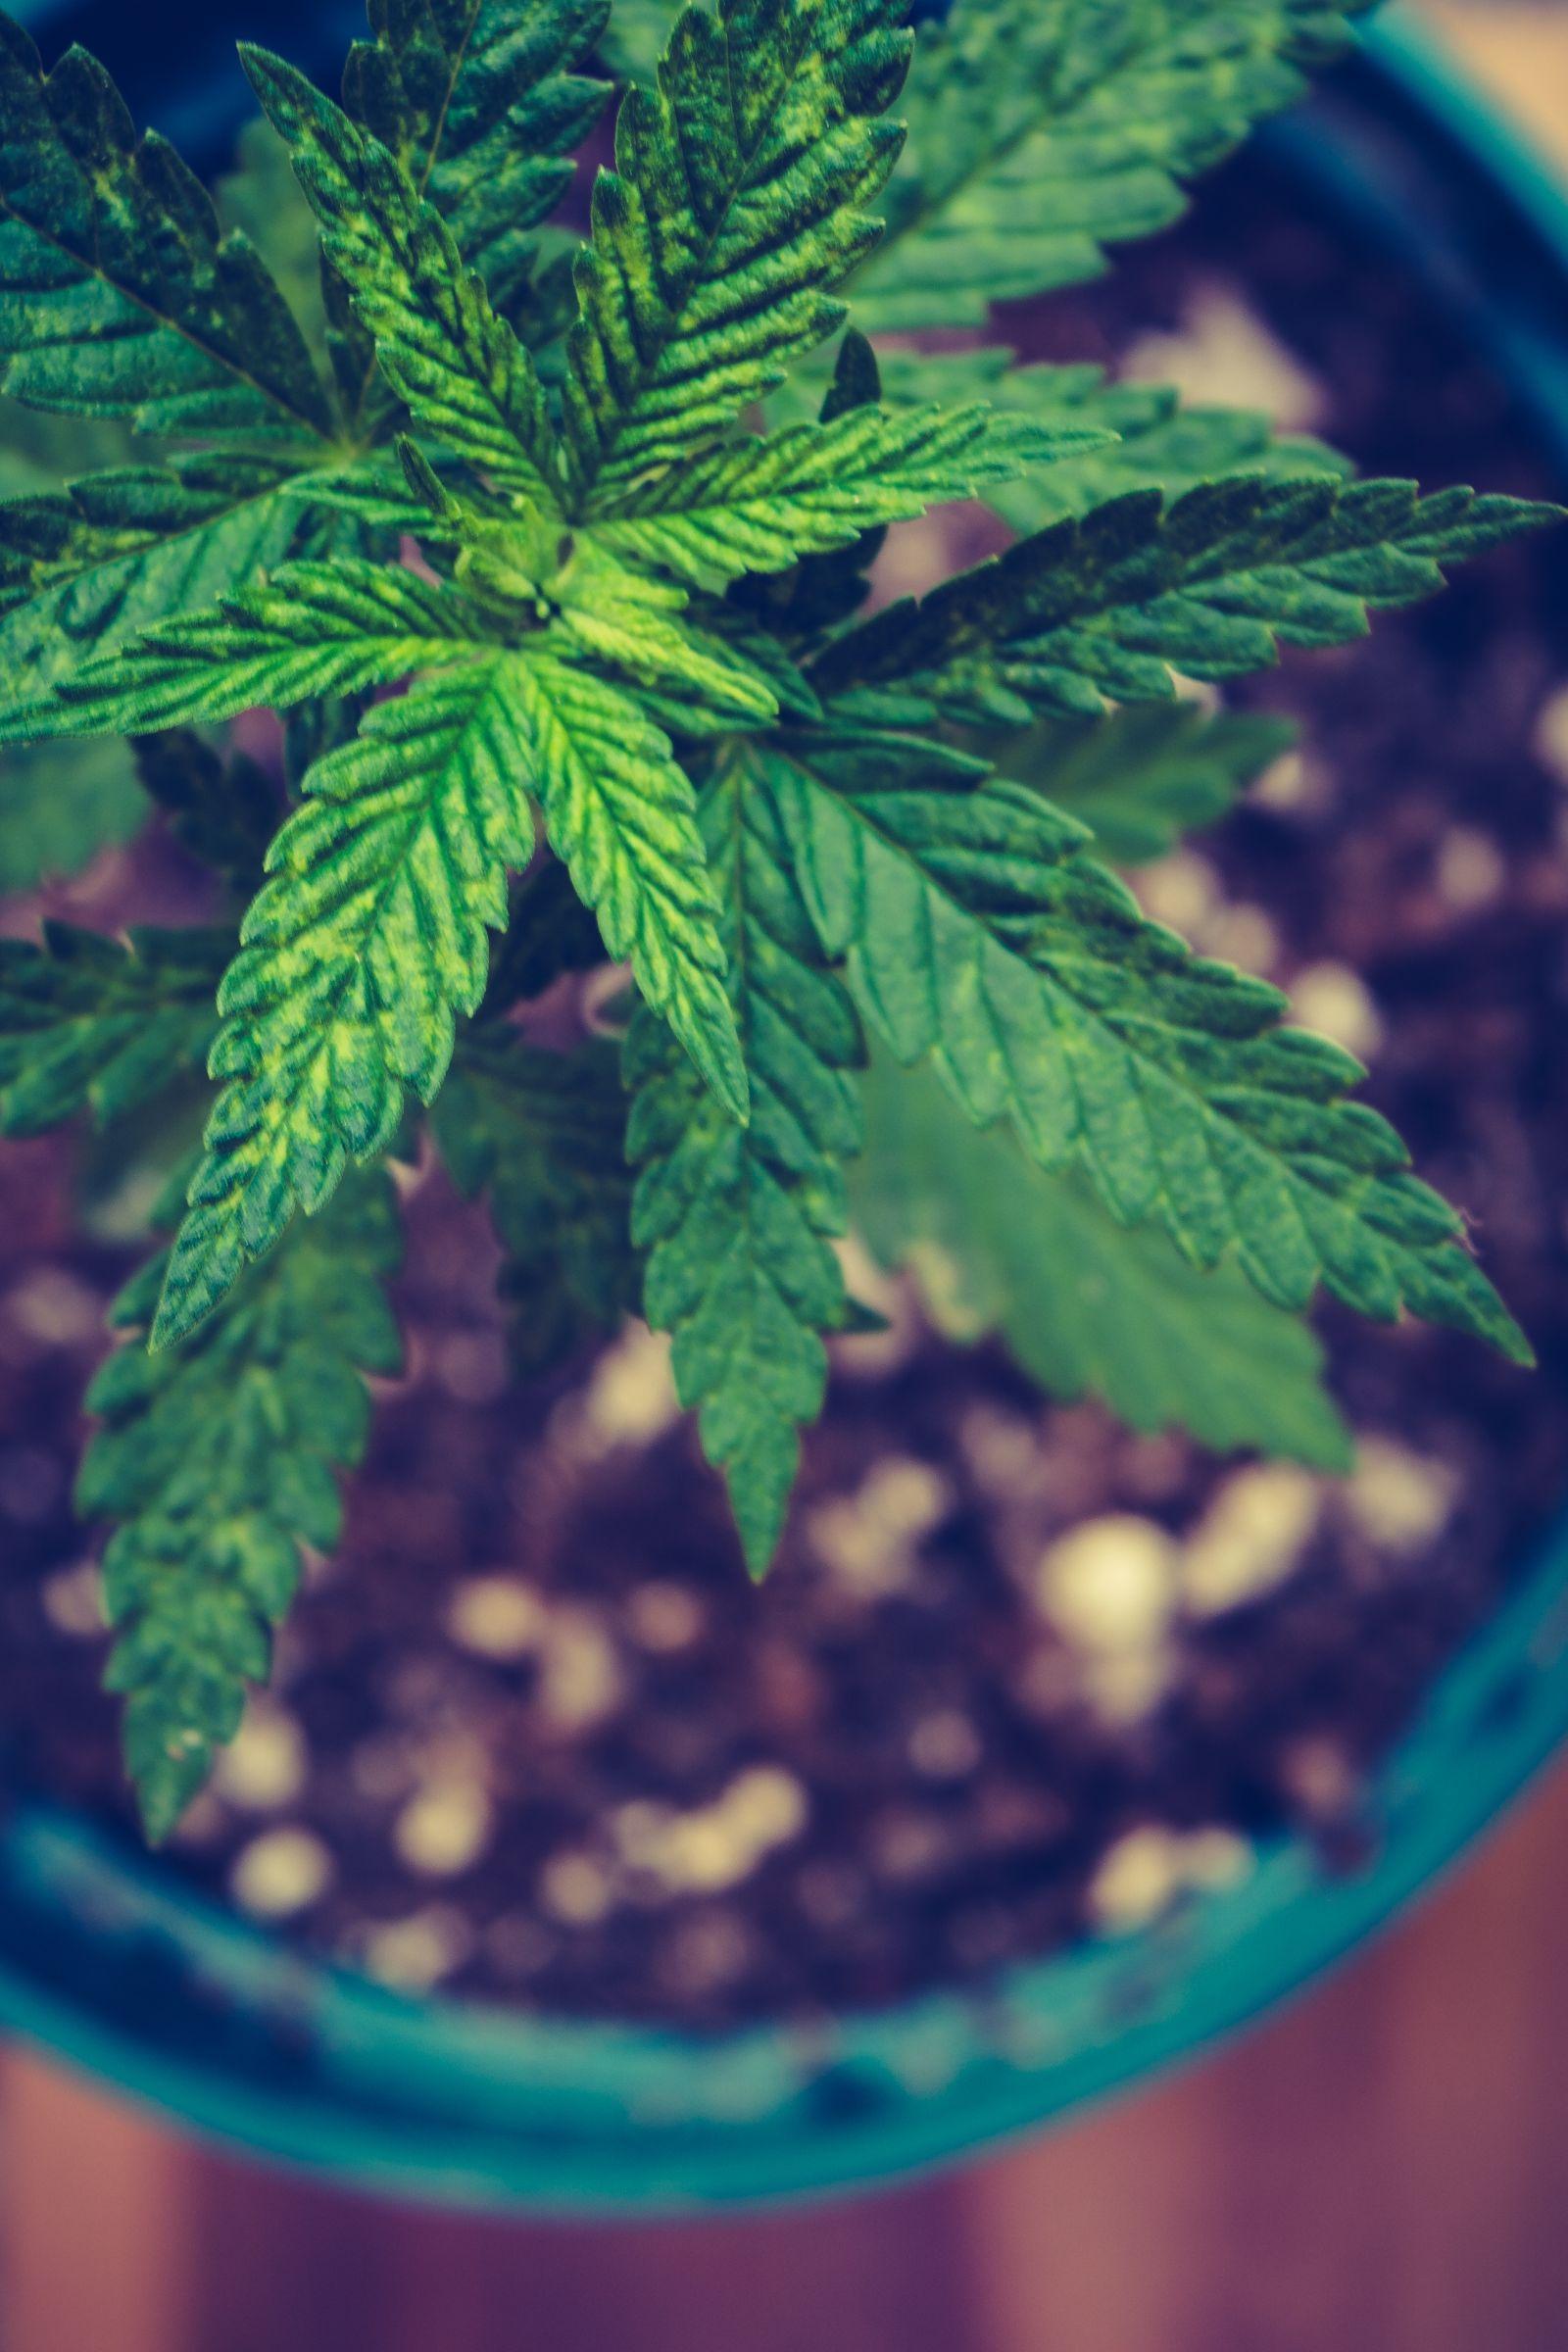 Eine heranwachsende Hanfpflanze in einem Topf von der Draufsicht fotografiert.